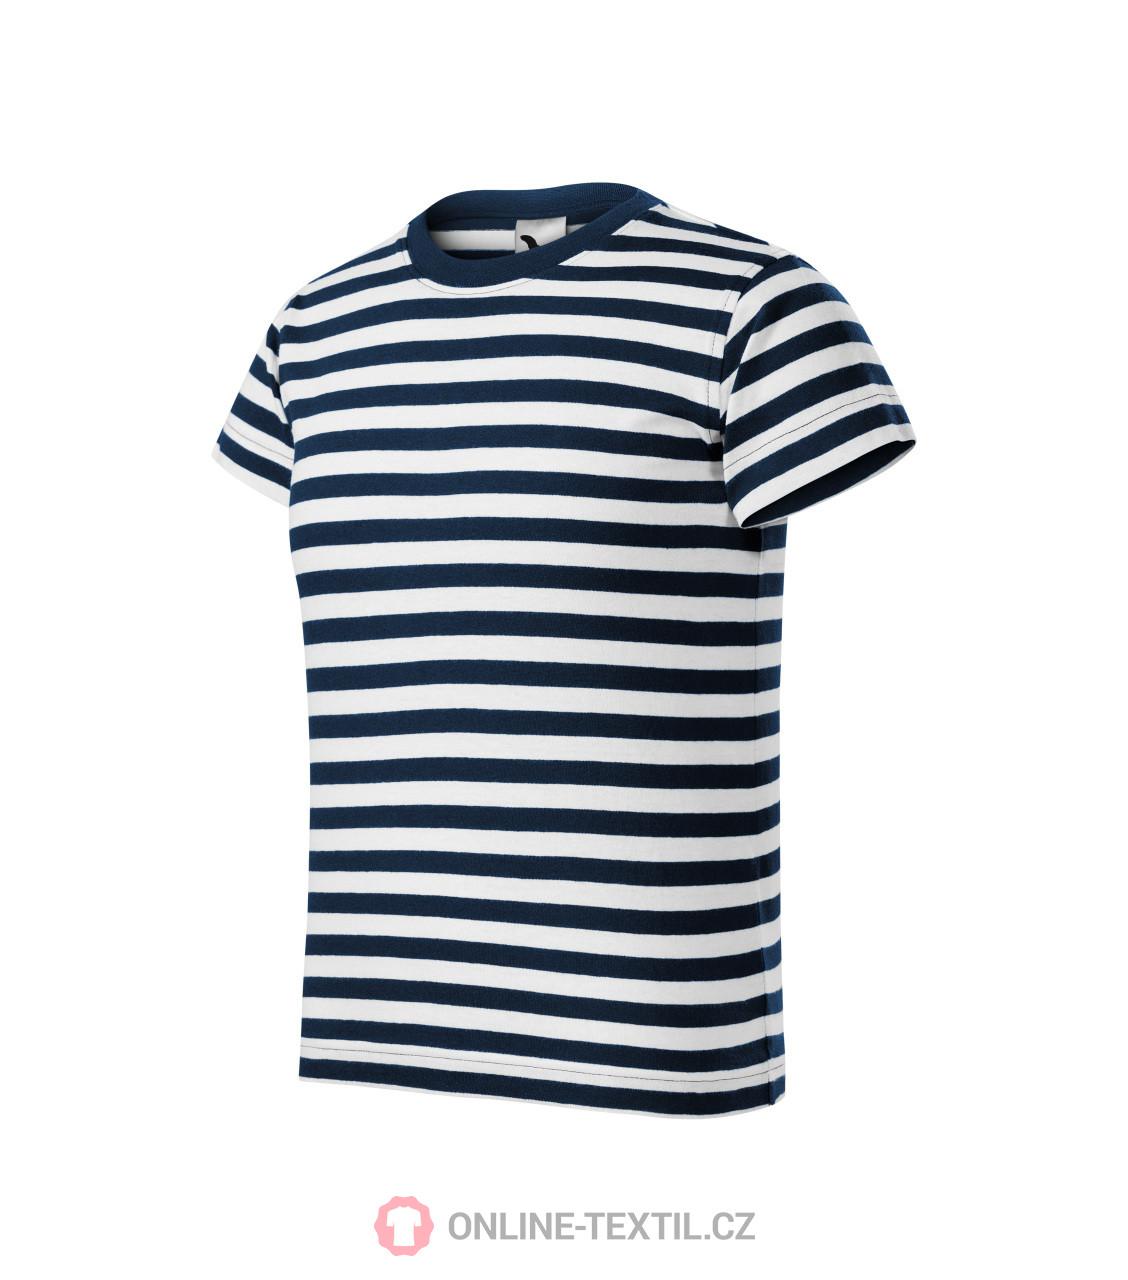 cafb6efd3 ADLER CZECH Dětské námořnické tričko Sailor 805 - námořní modrá z ...